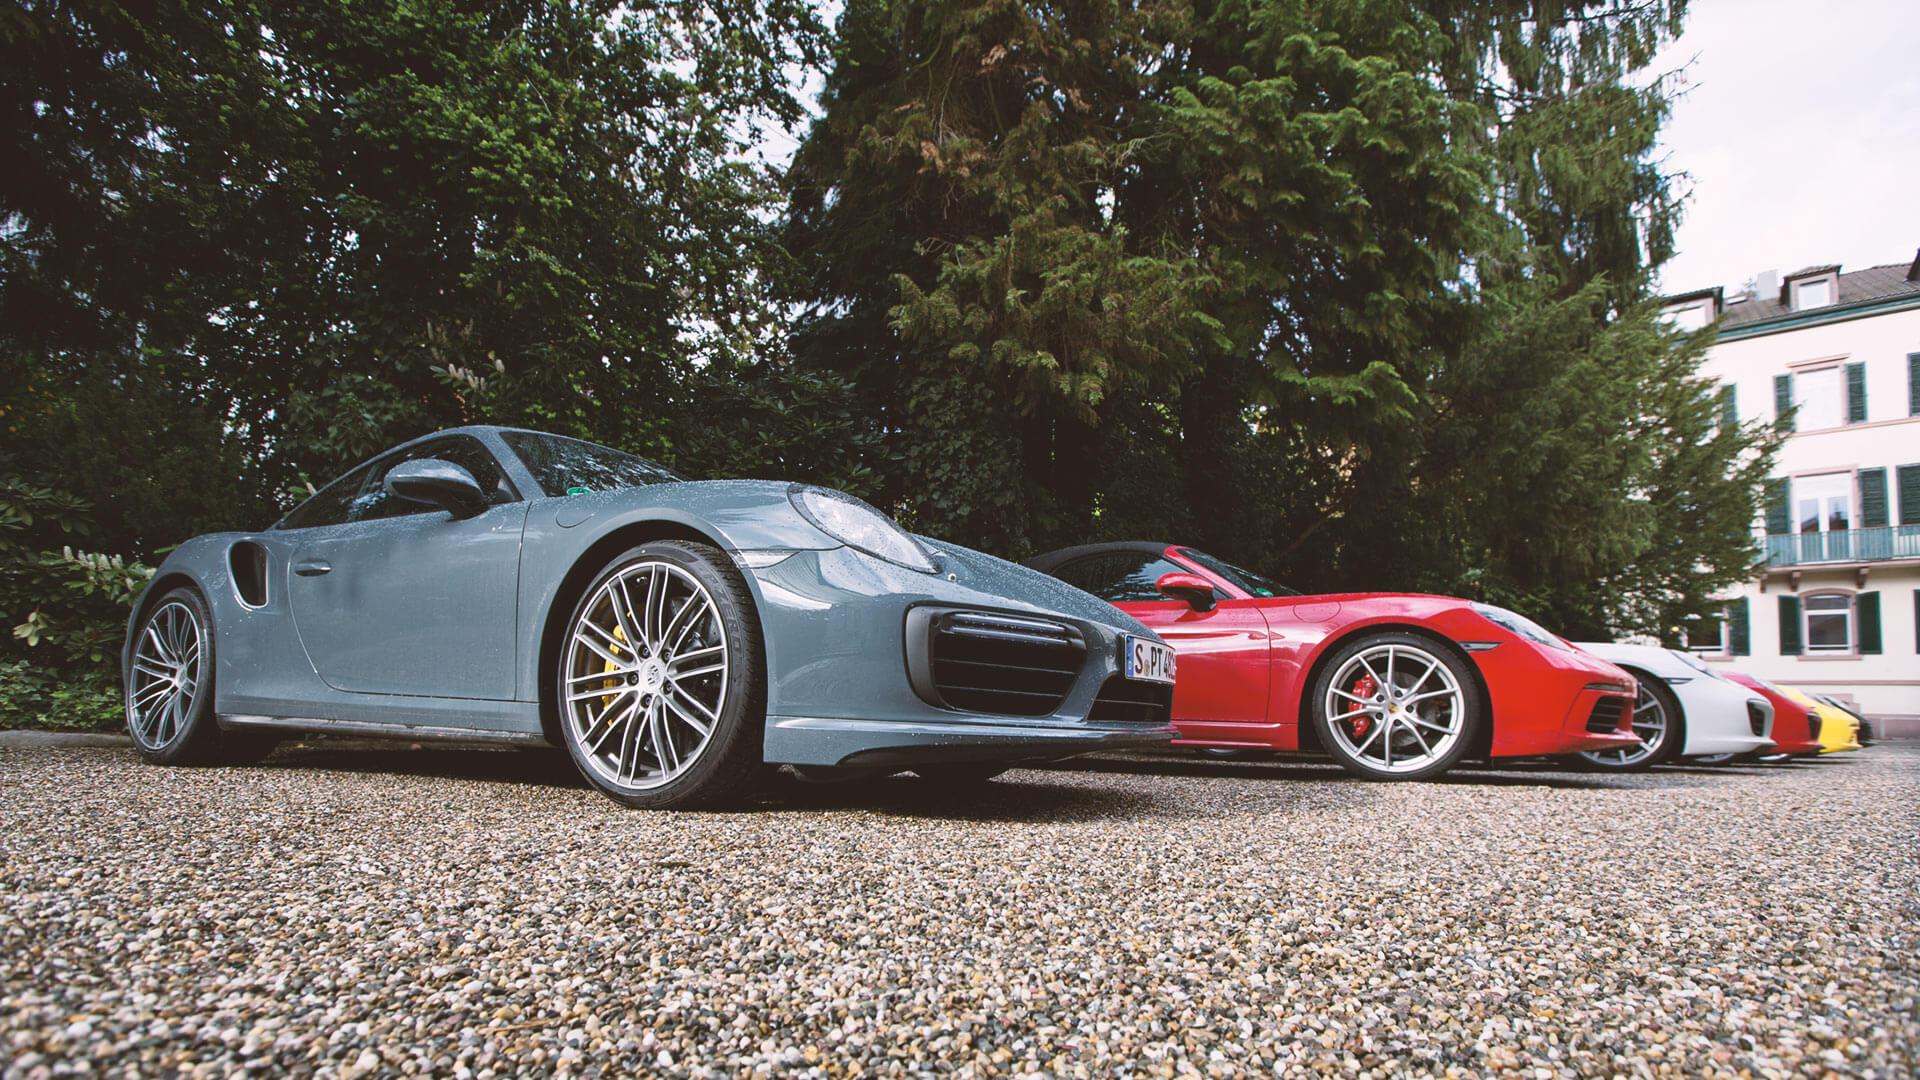 Wüstenrot Porsche Image Fotografie Event